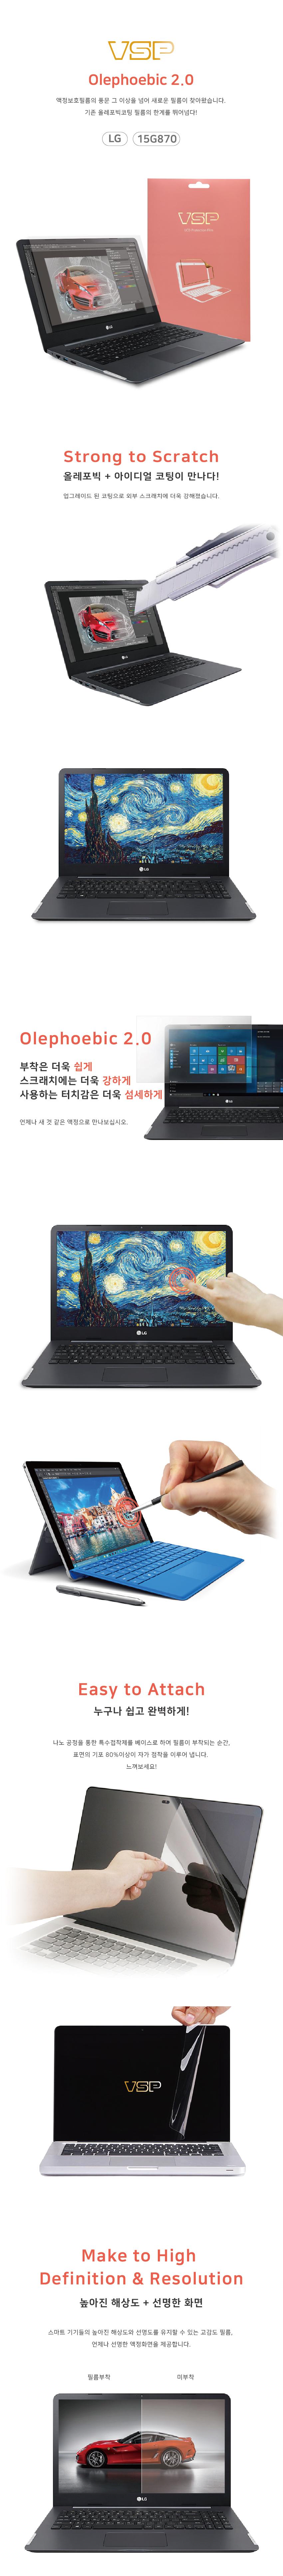 LG울트라PC 15G870 올레포빅 액정 보호필름 - 뷰에스피, 21,250원, 노트북 액정보호필름, 35.56cm~39.62cm